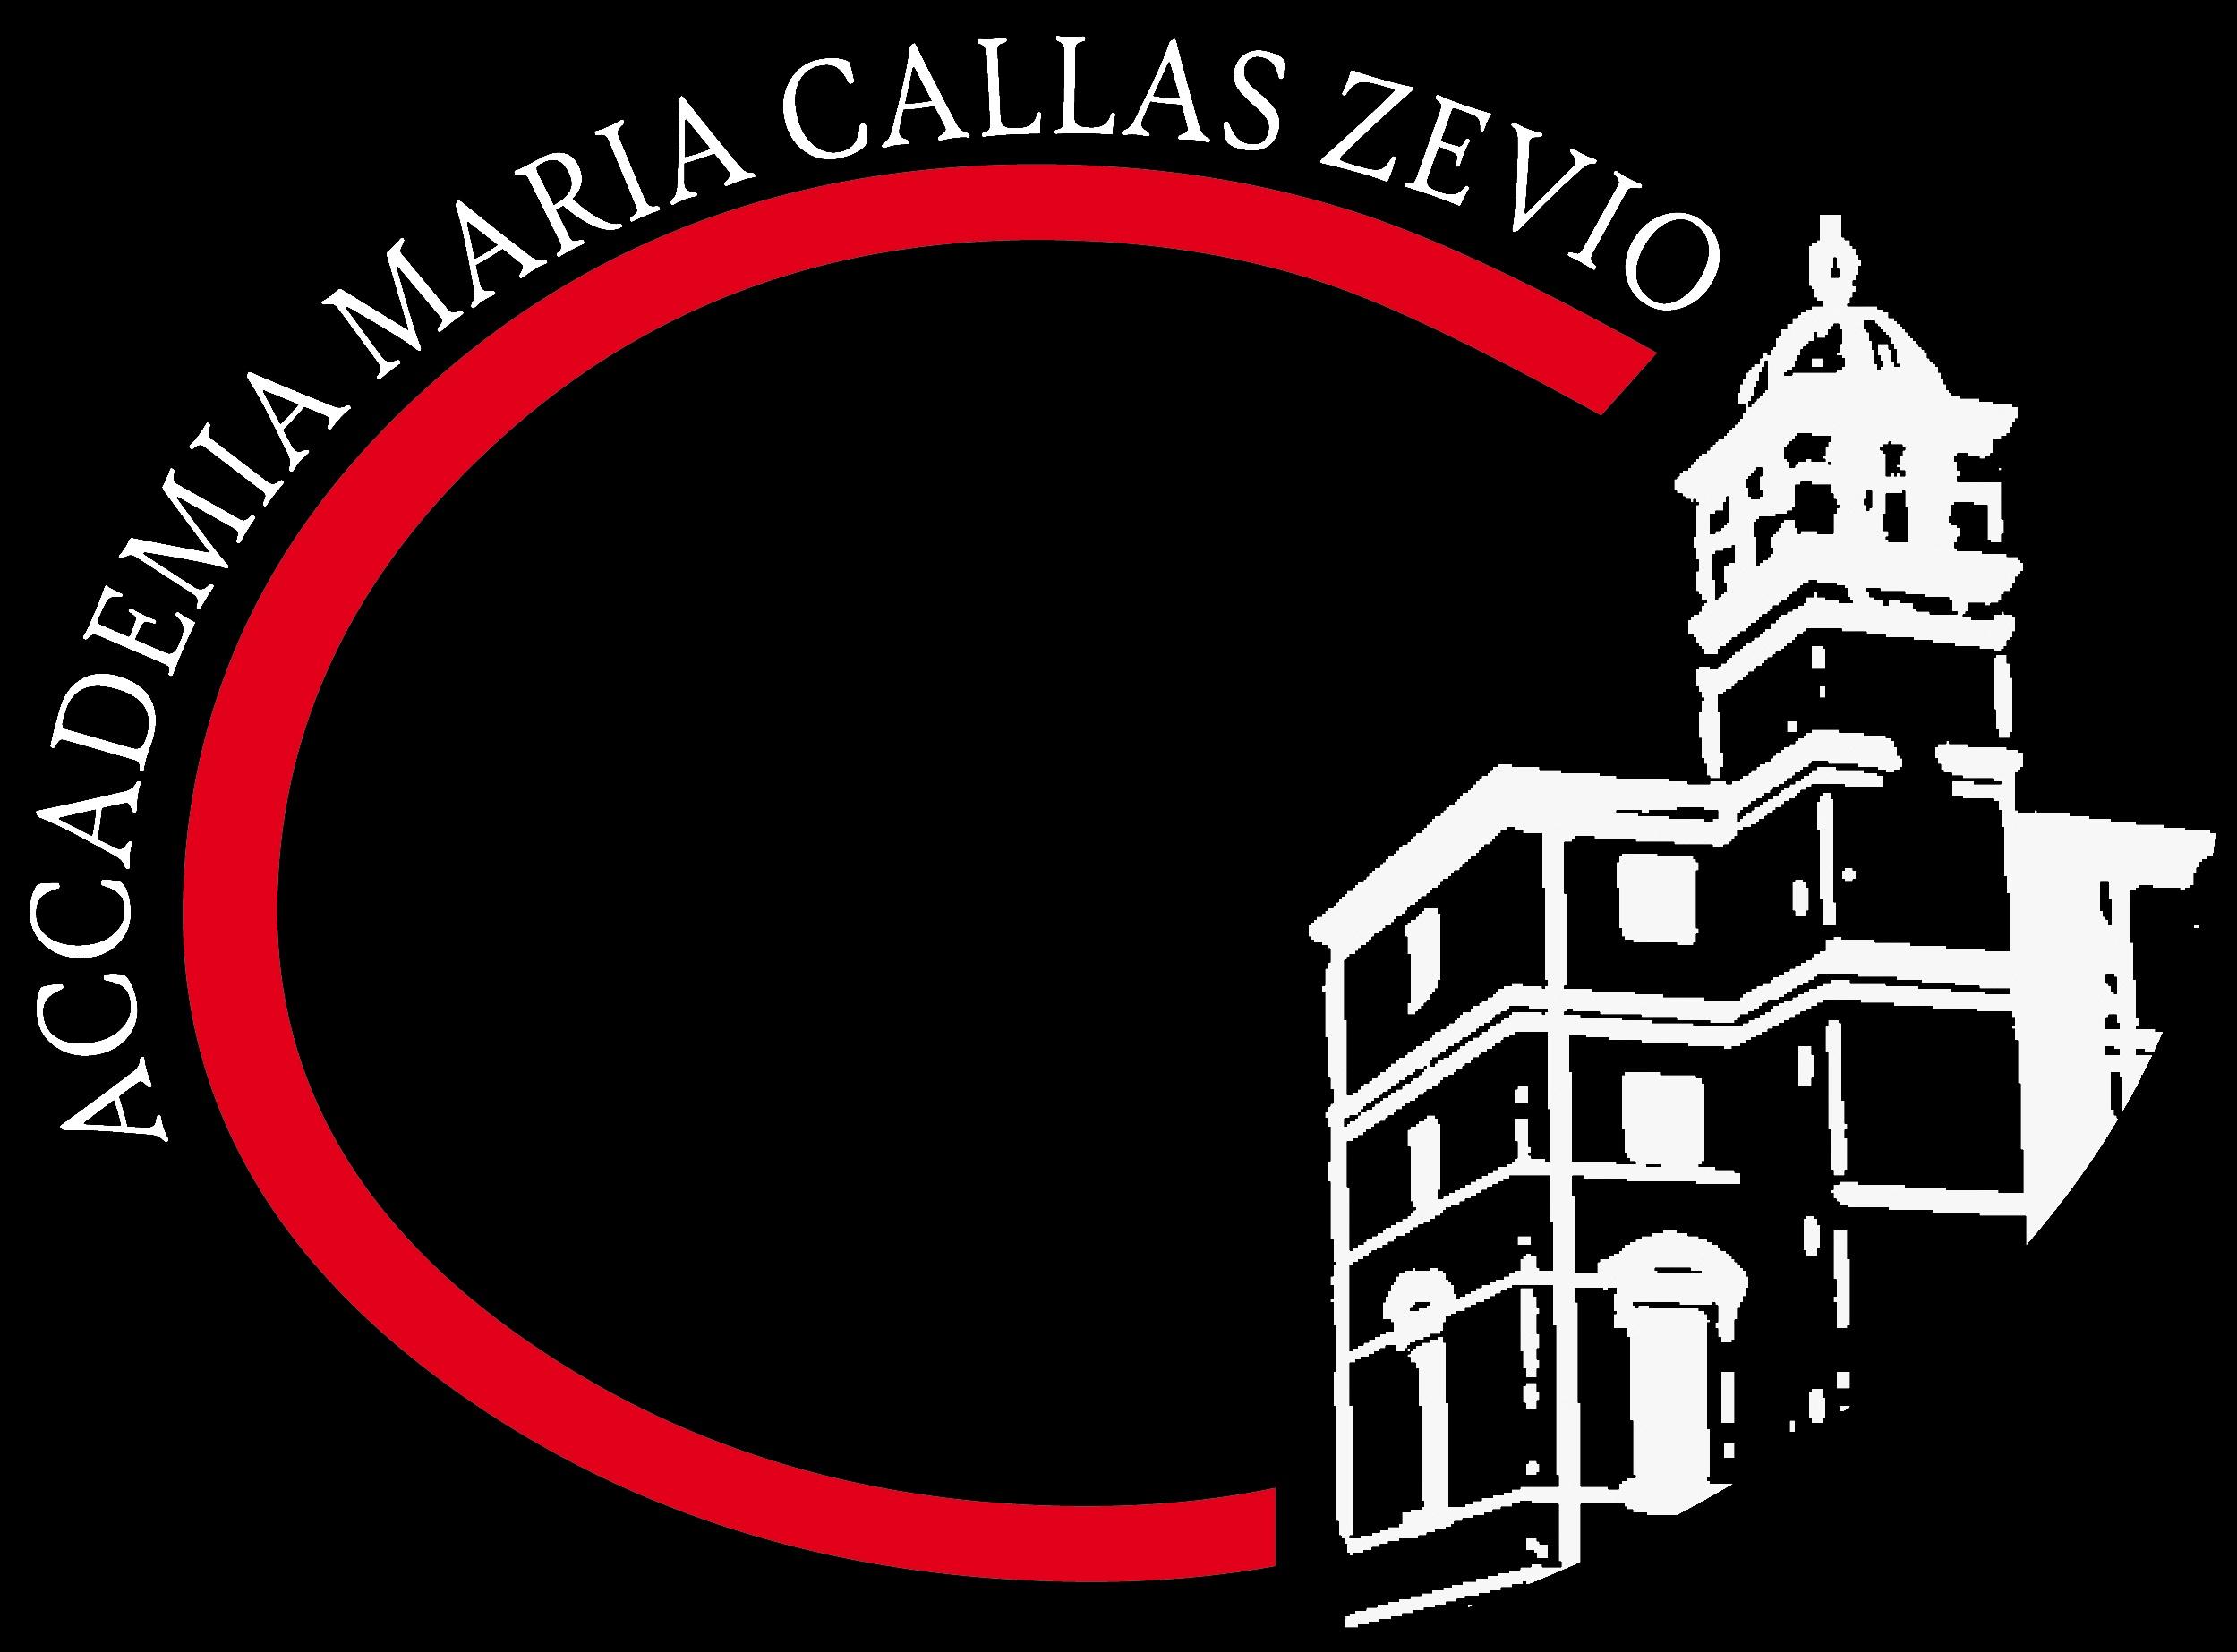 Accademia di Musica Zevio